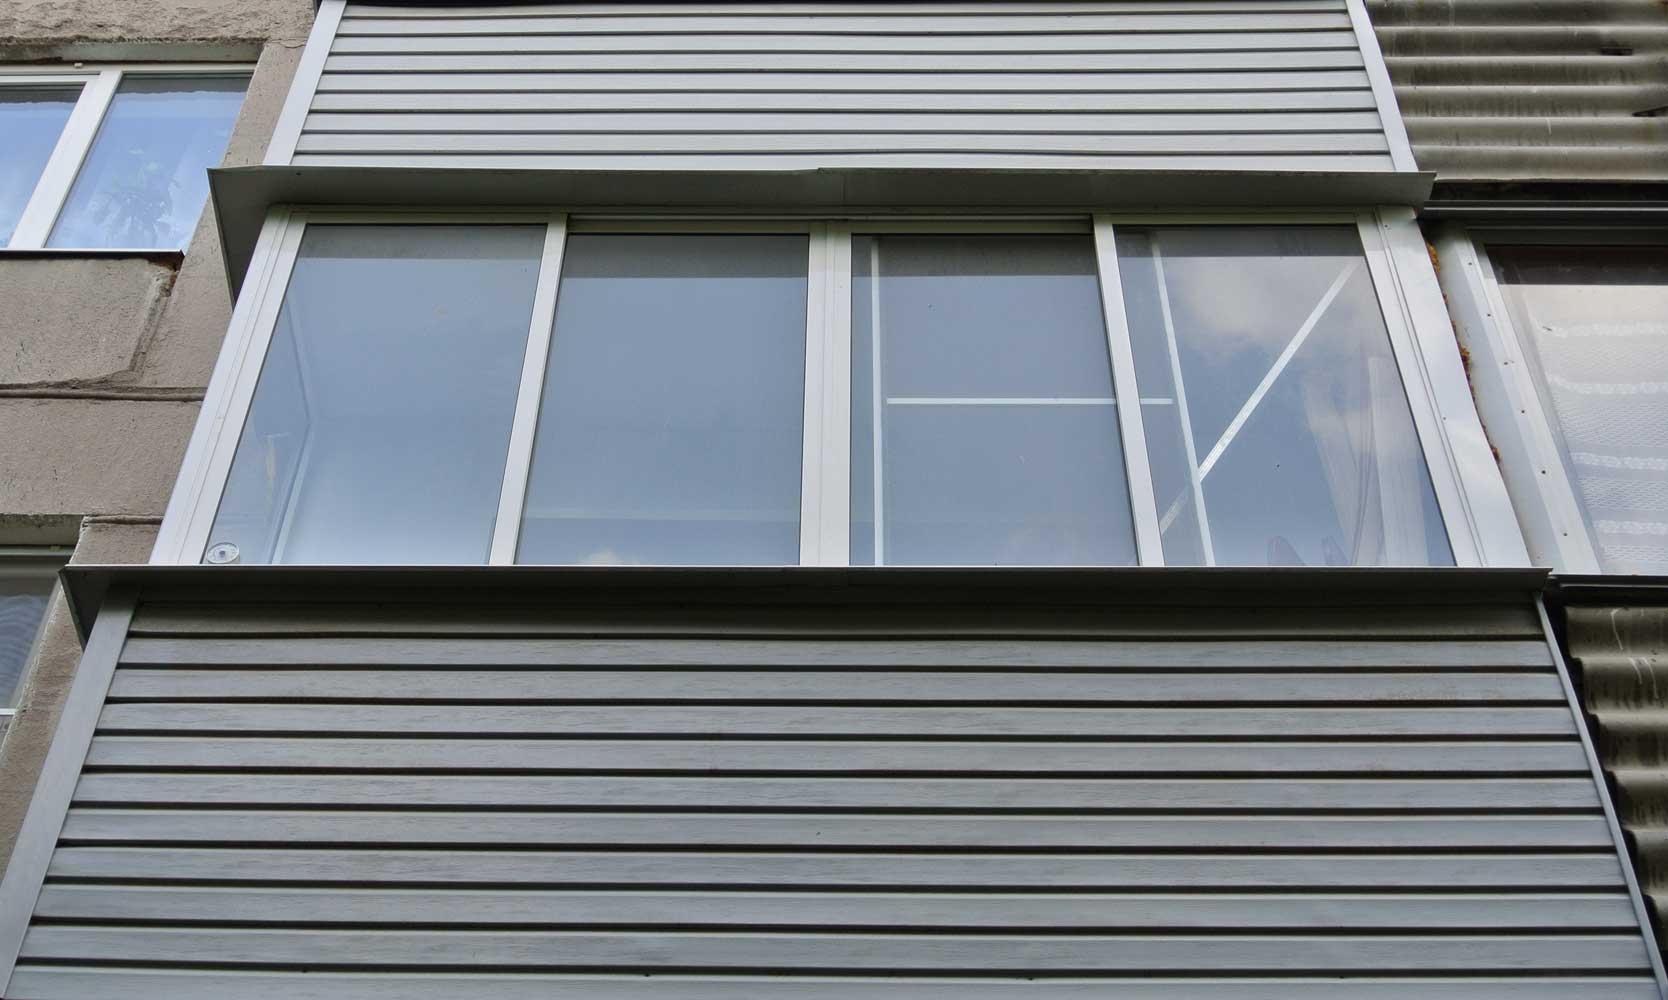 Внешняя отделка балкона: профнастил, вагонка, сайдинг.